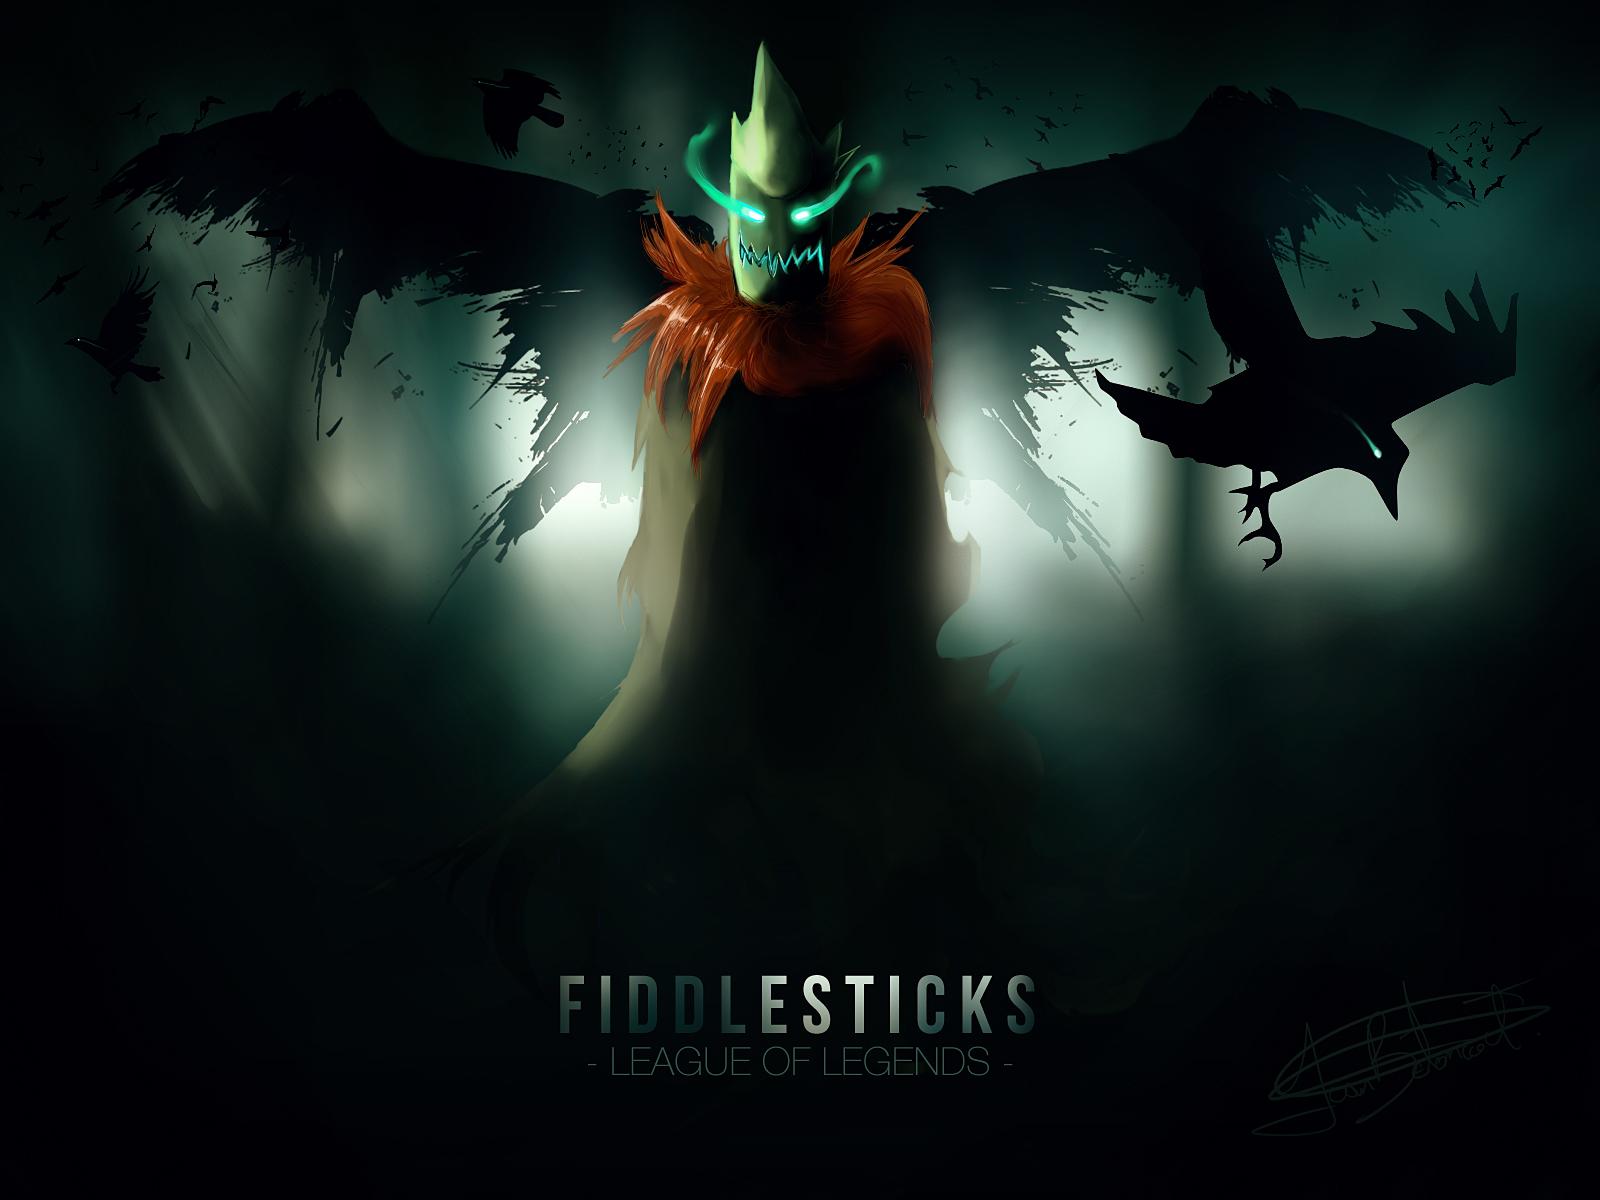 Fiddlesticks League of Legends dark wallpaper | 1600x1200 ...